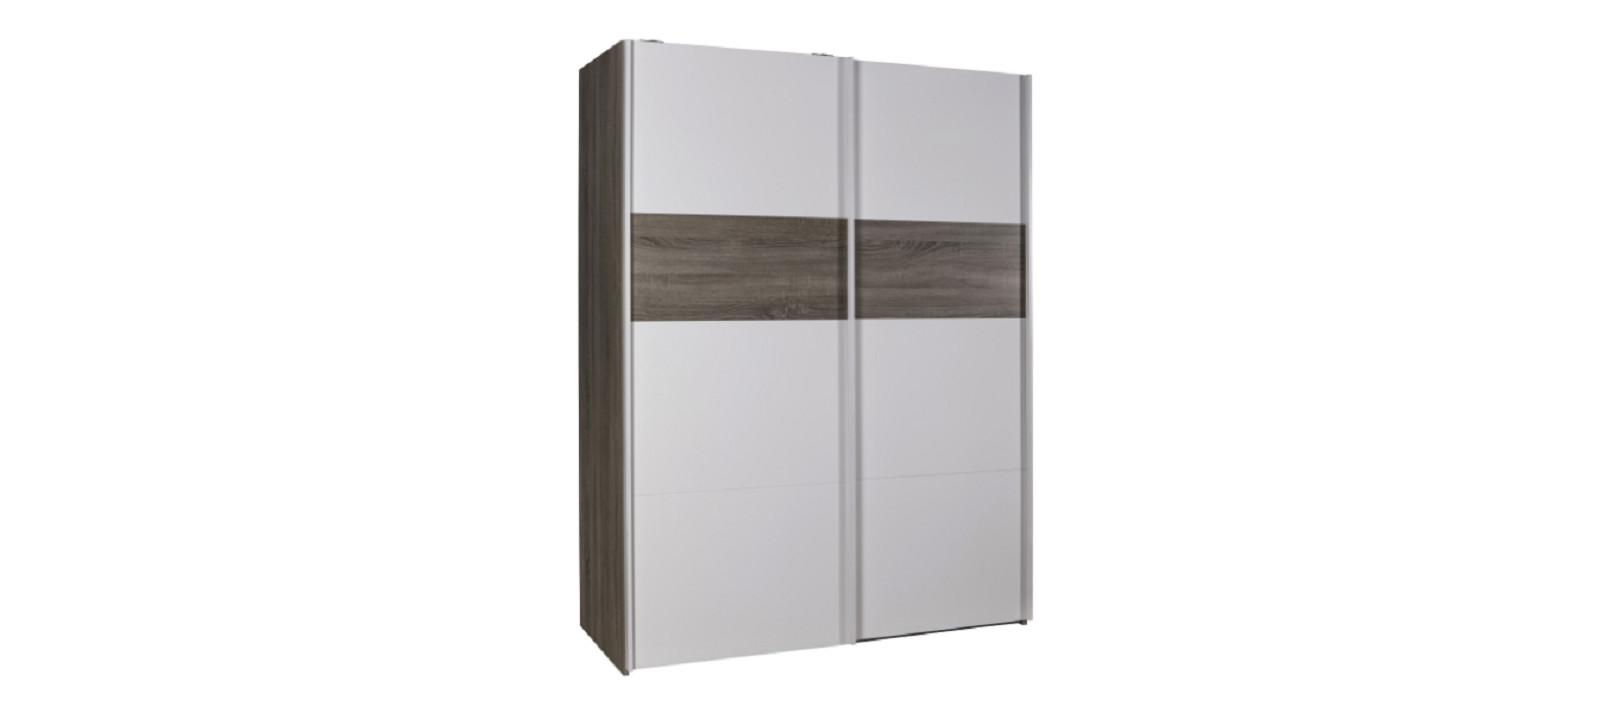 Armoire 2 portes coulissantes 150x200 LIVIA chambre